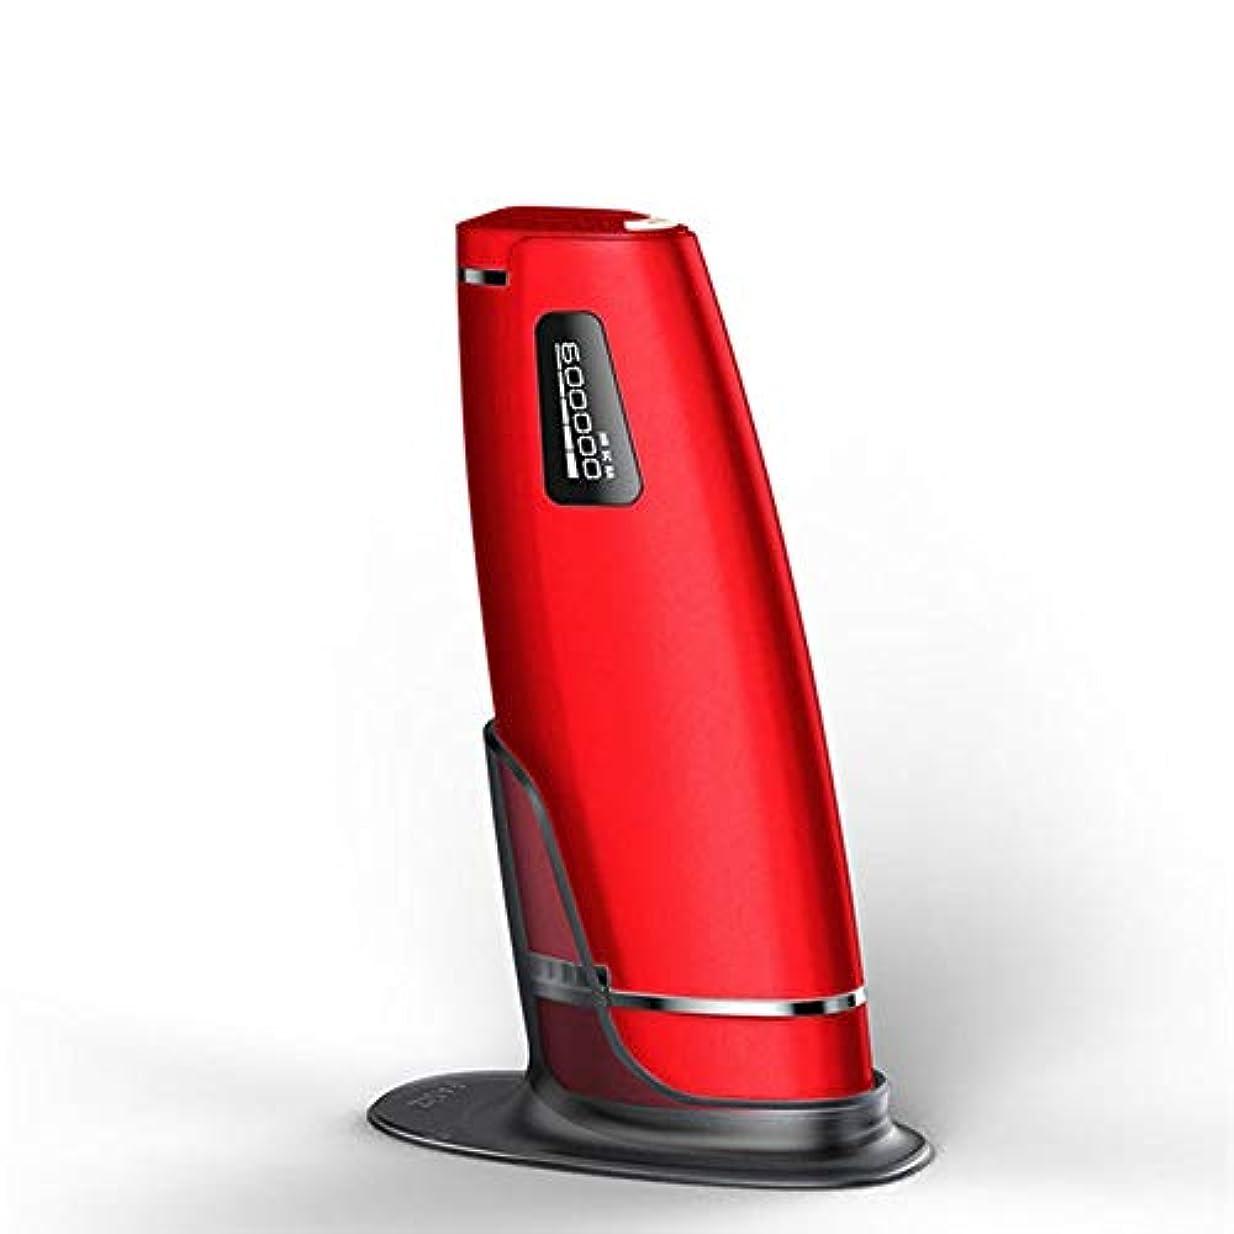 レンディション手段ウィンクIku夫 赤、デュアルモード、ホームオートマチック無痛脱毛剤、携帯用永久脱毛剤、5スピード調整、サイズ20.5 X 4.5 X 7 Cm (Color : Red)